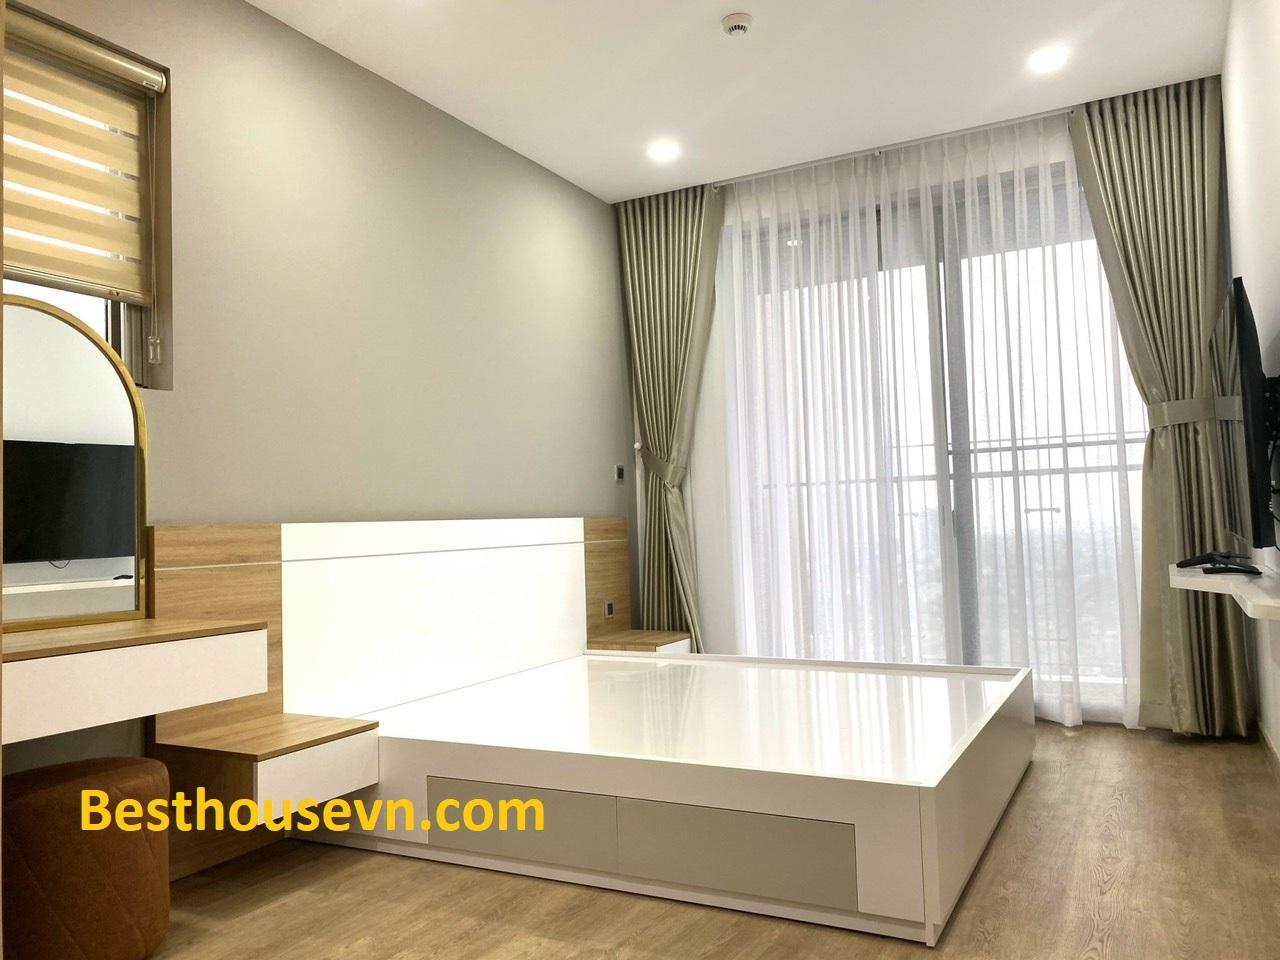 Beautiful-apartment-in Midtown-110sqm-full-furniture